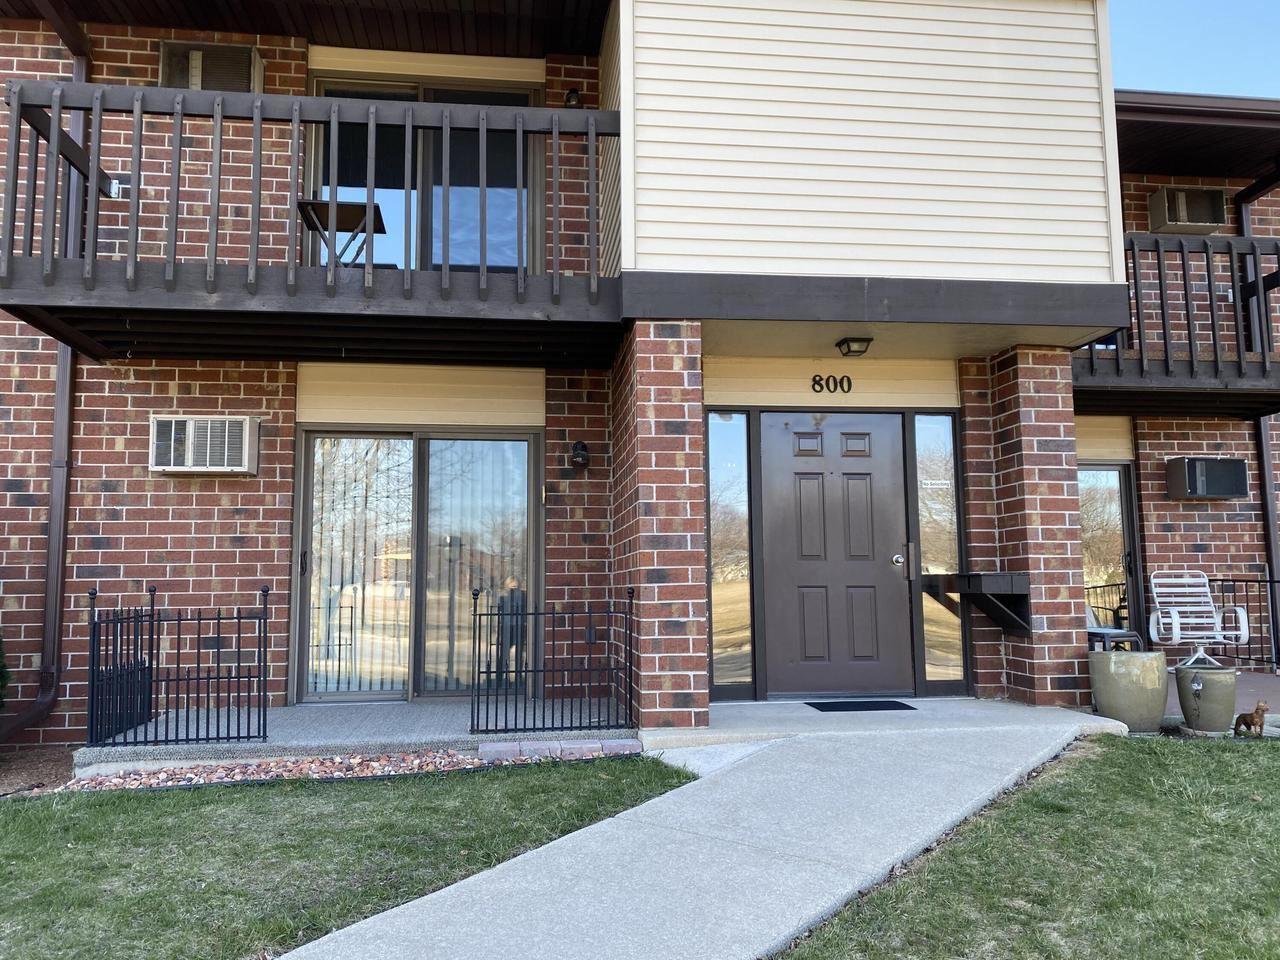 800 S Park Ave #1G, Fond du Lac, WI 54935 - MLS#: 1733329